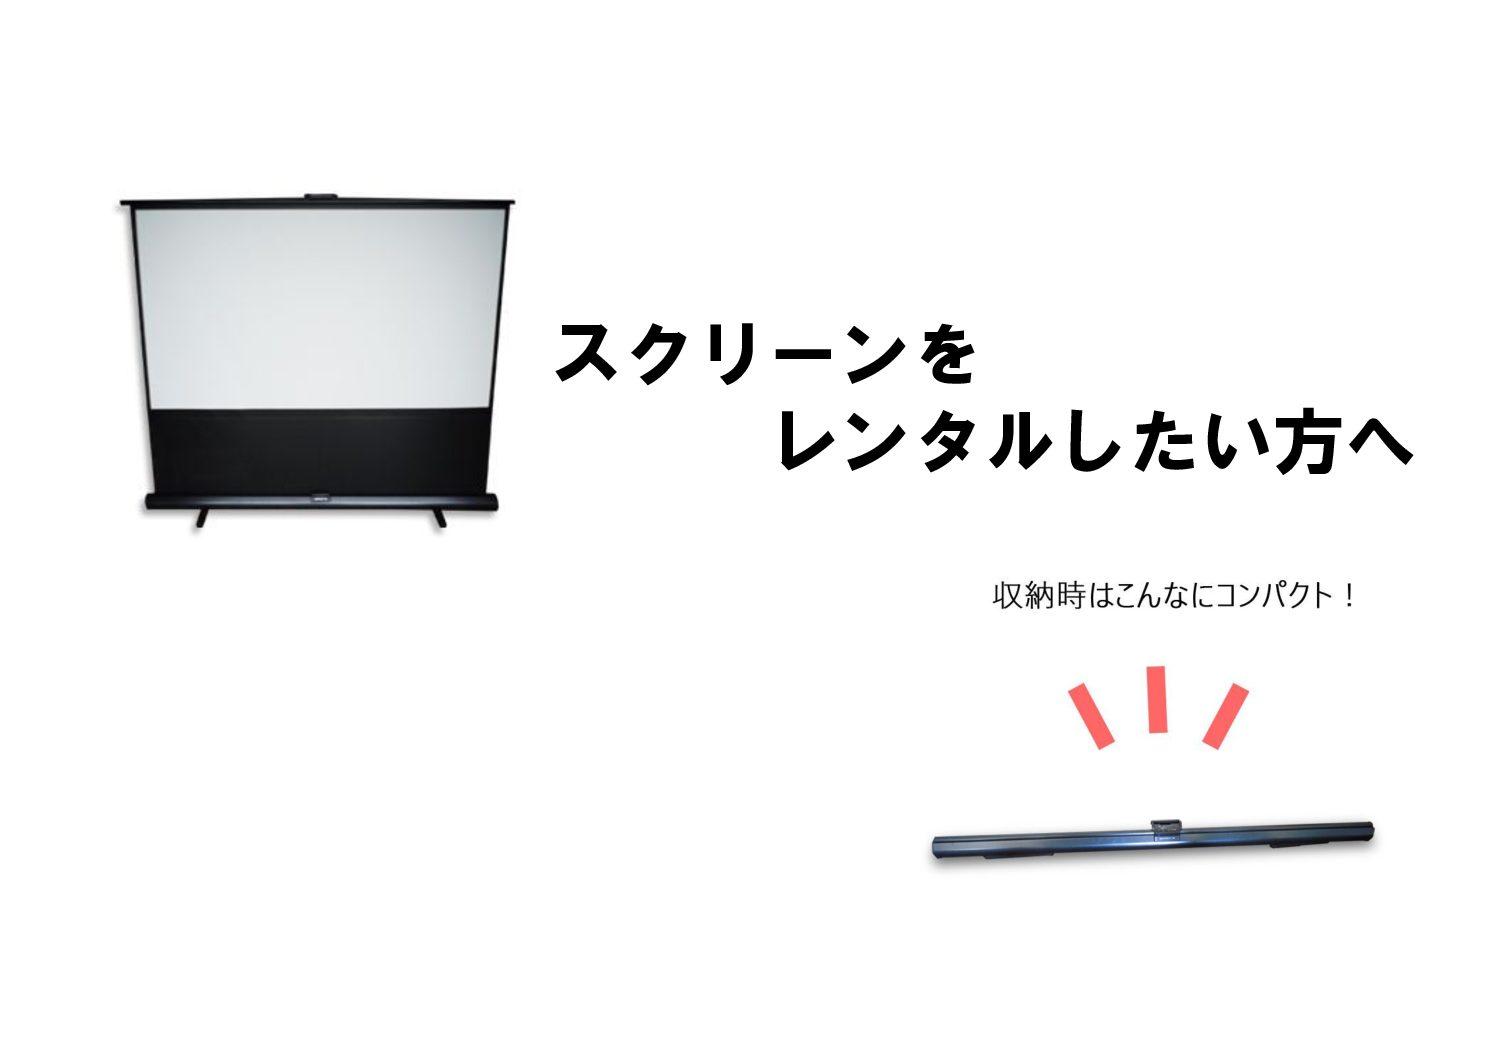 福岡でスクリーンをレンタルしたい方へ